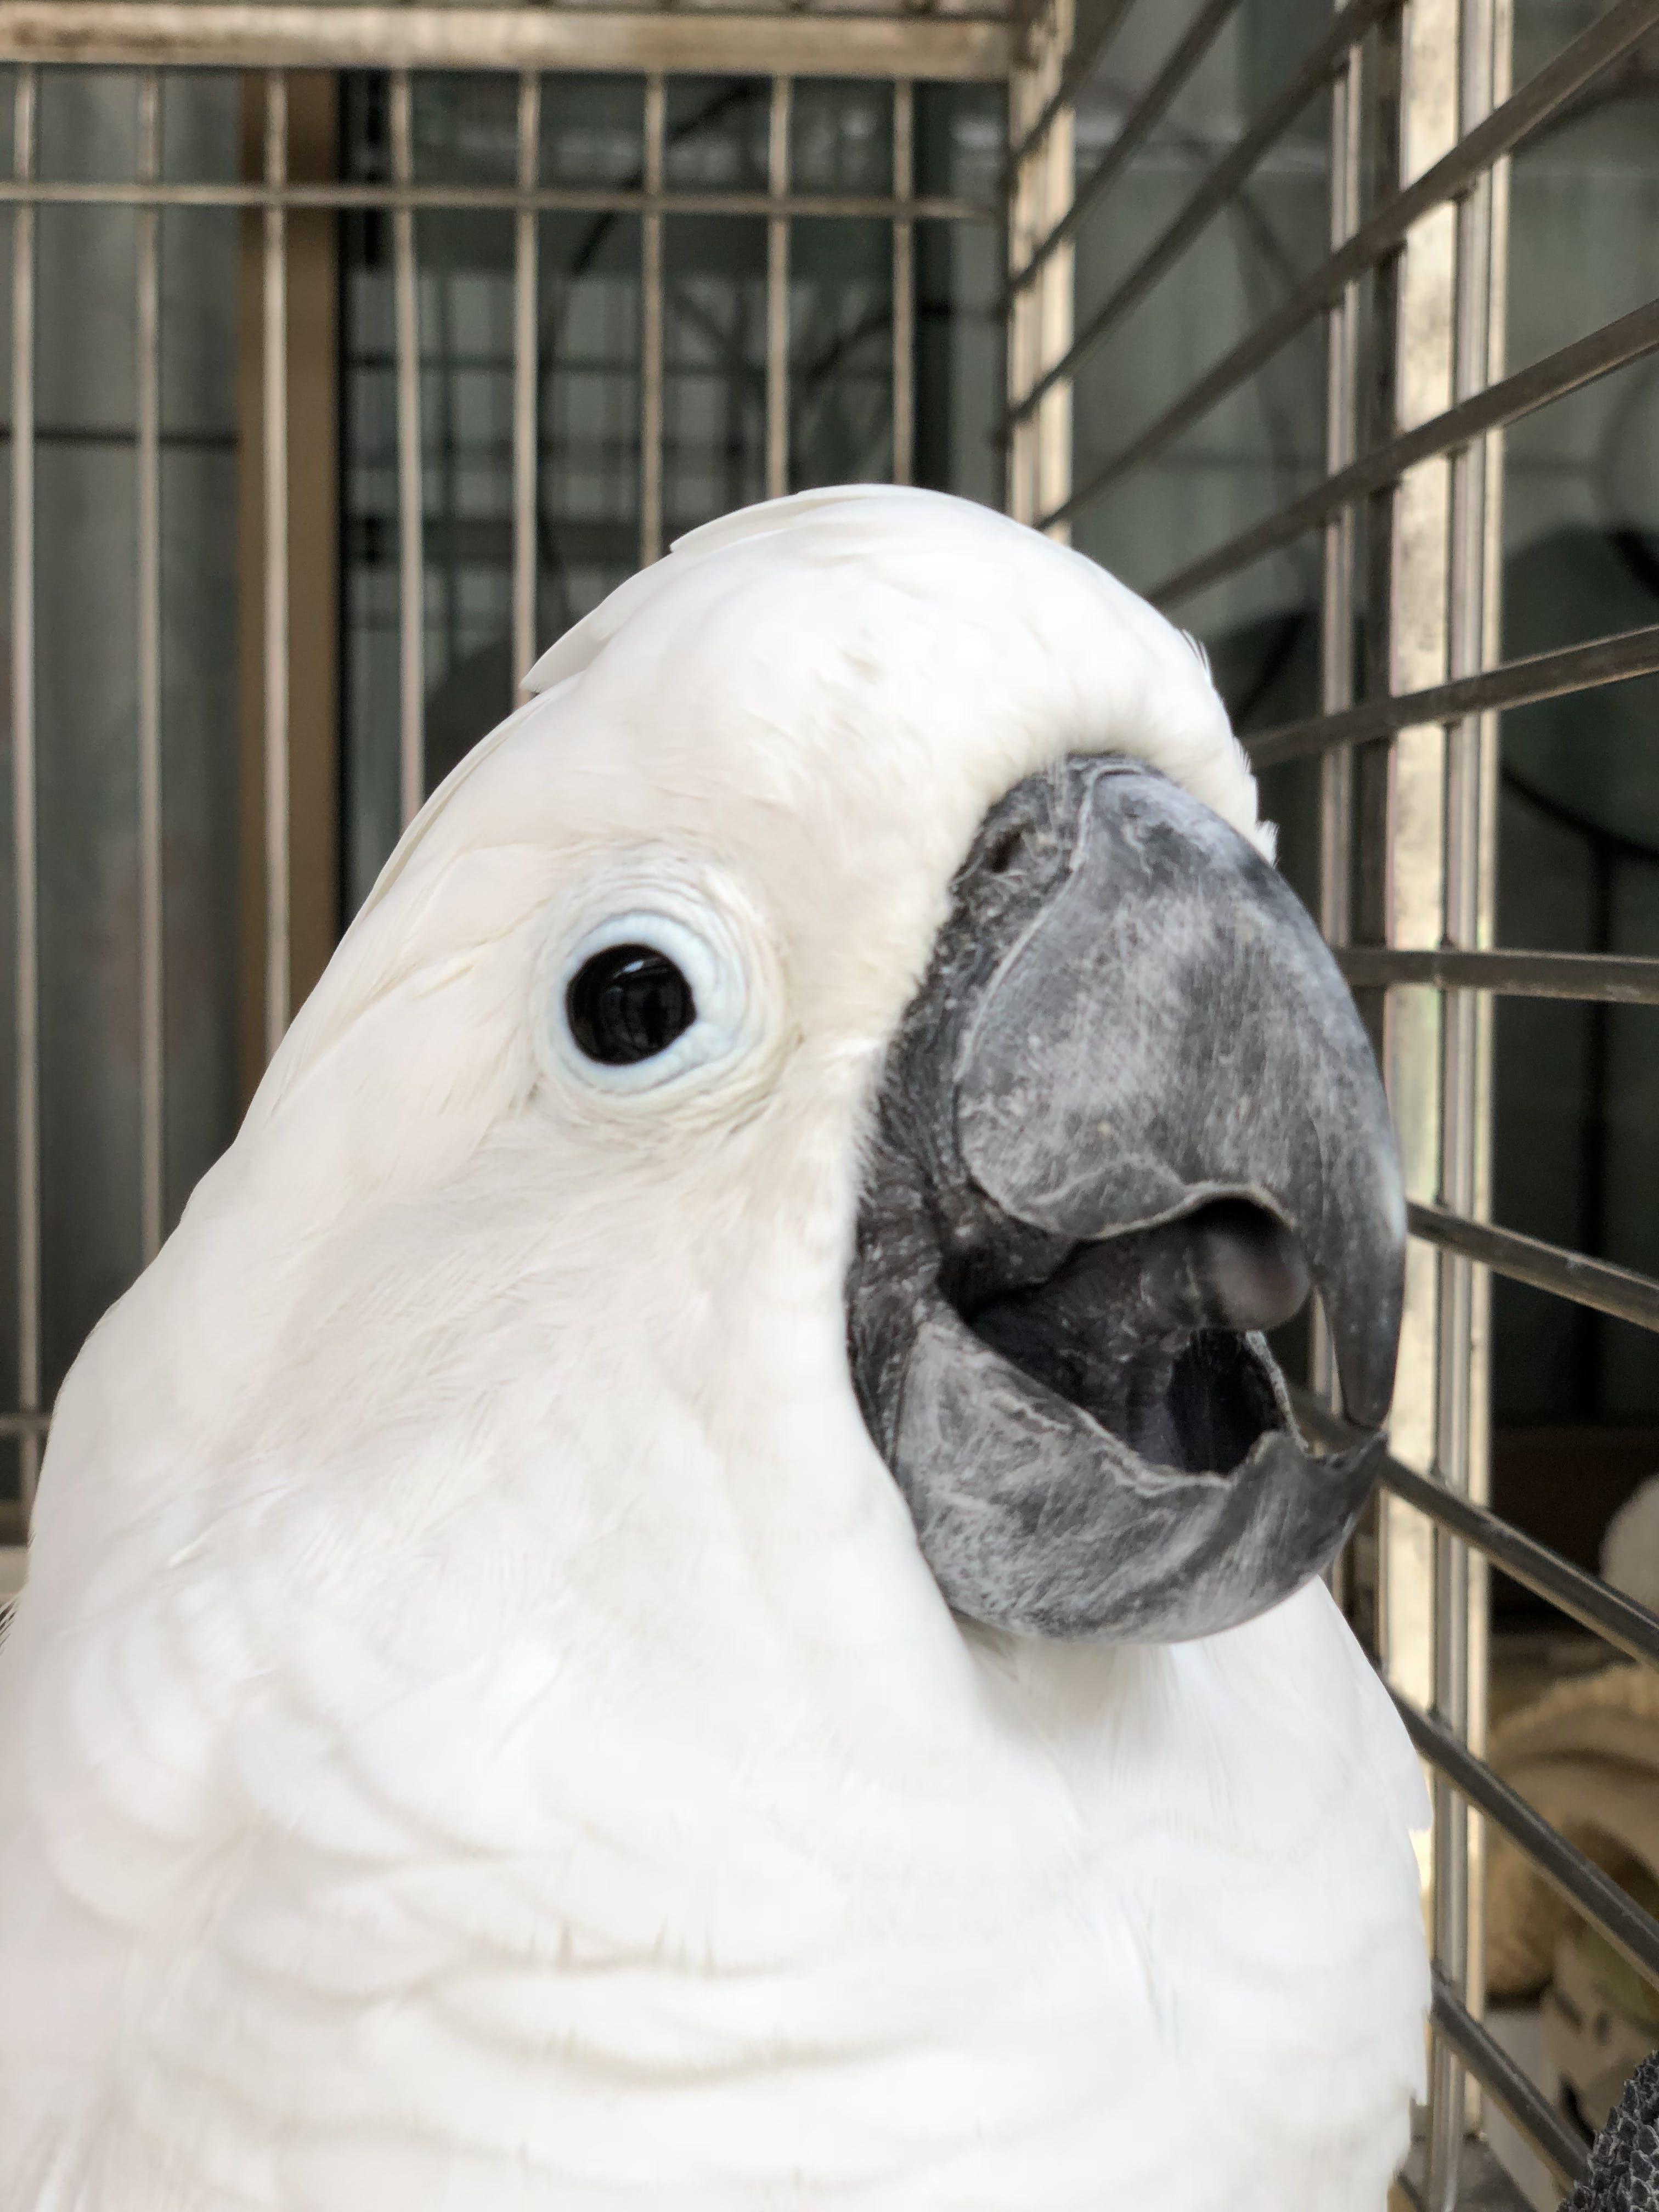 Free stock photo of bird, animal, parrot, white bird